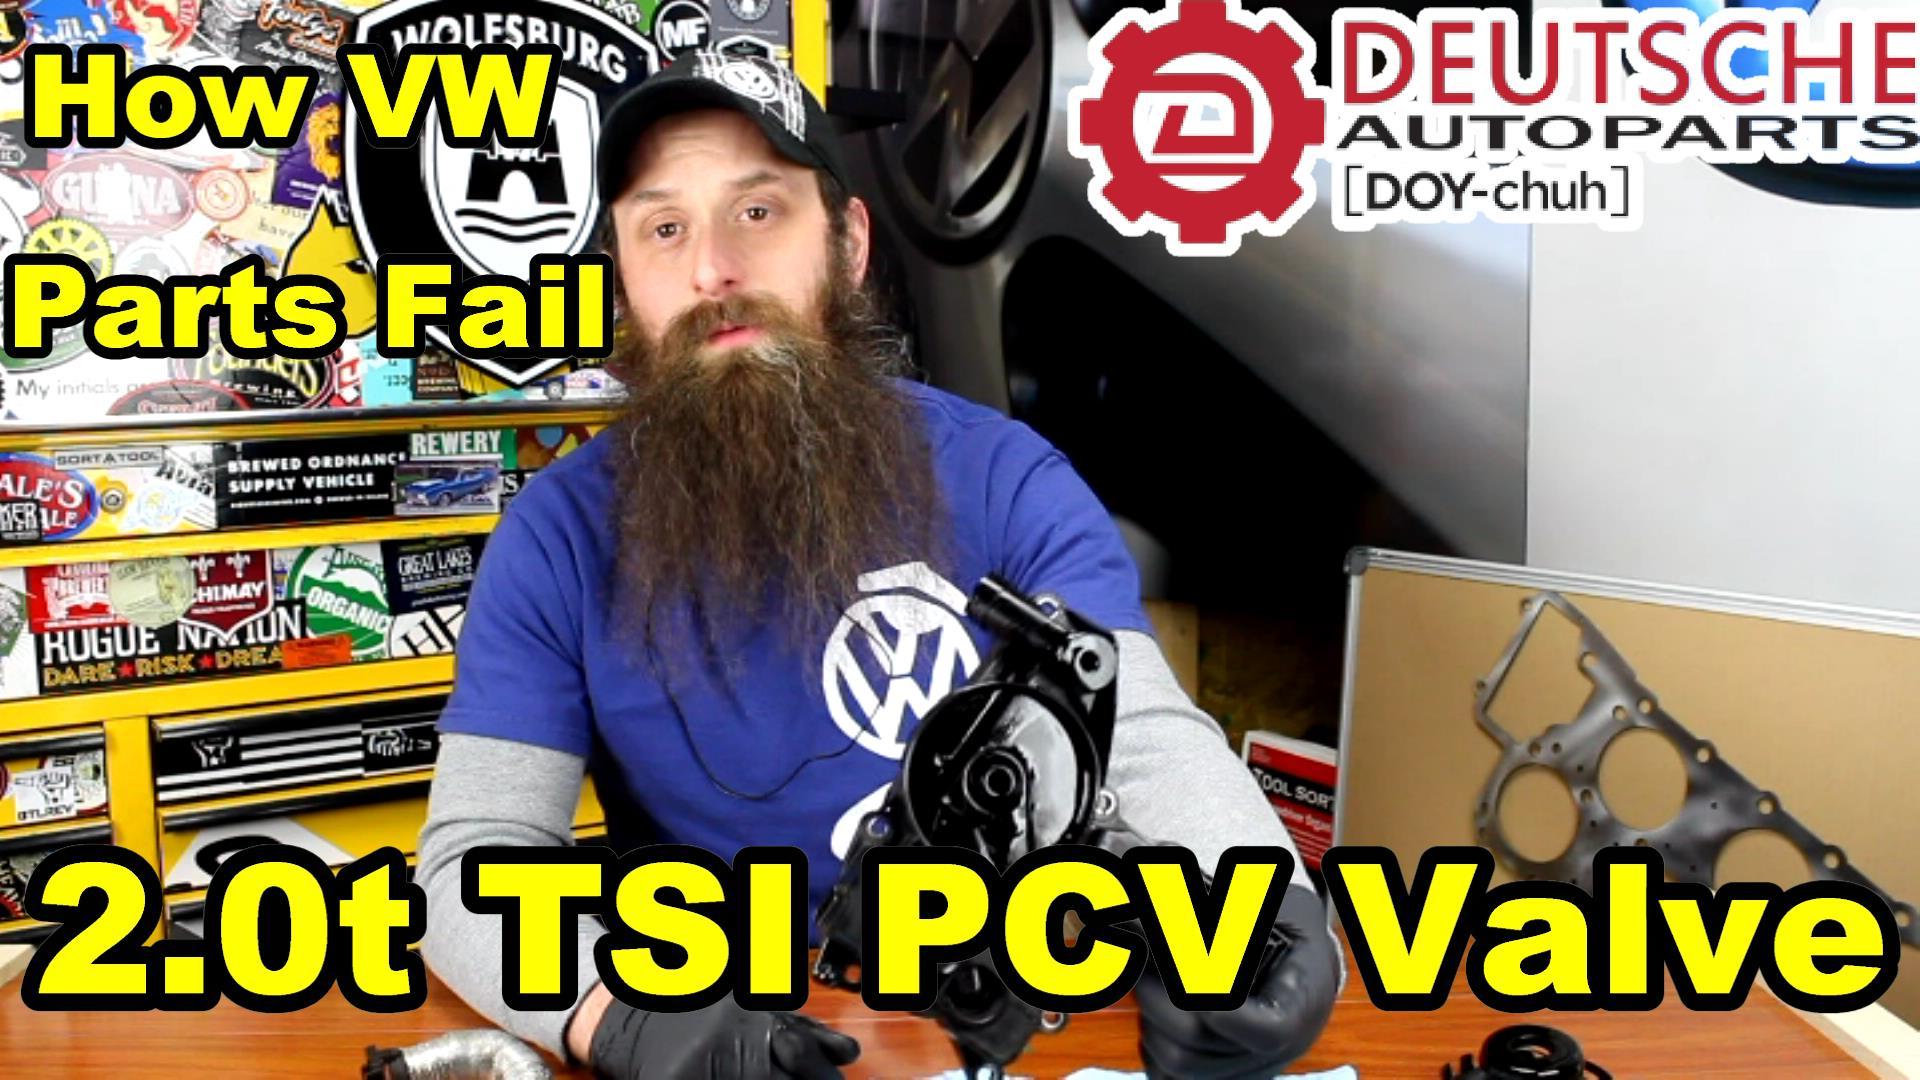 2.0t PCV failure